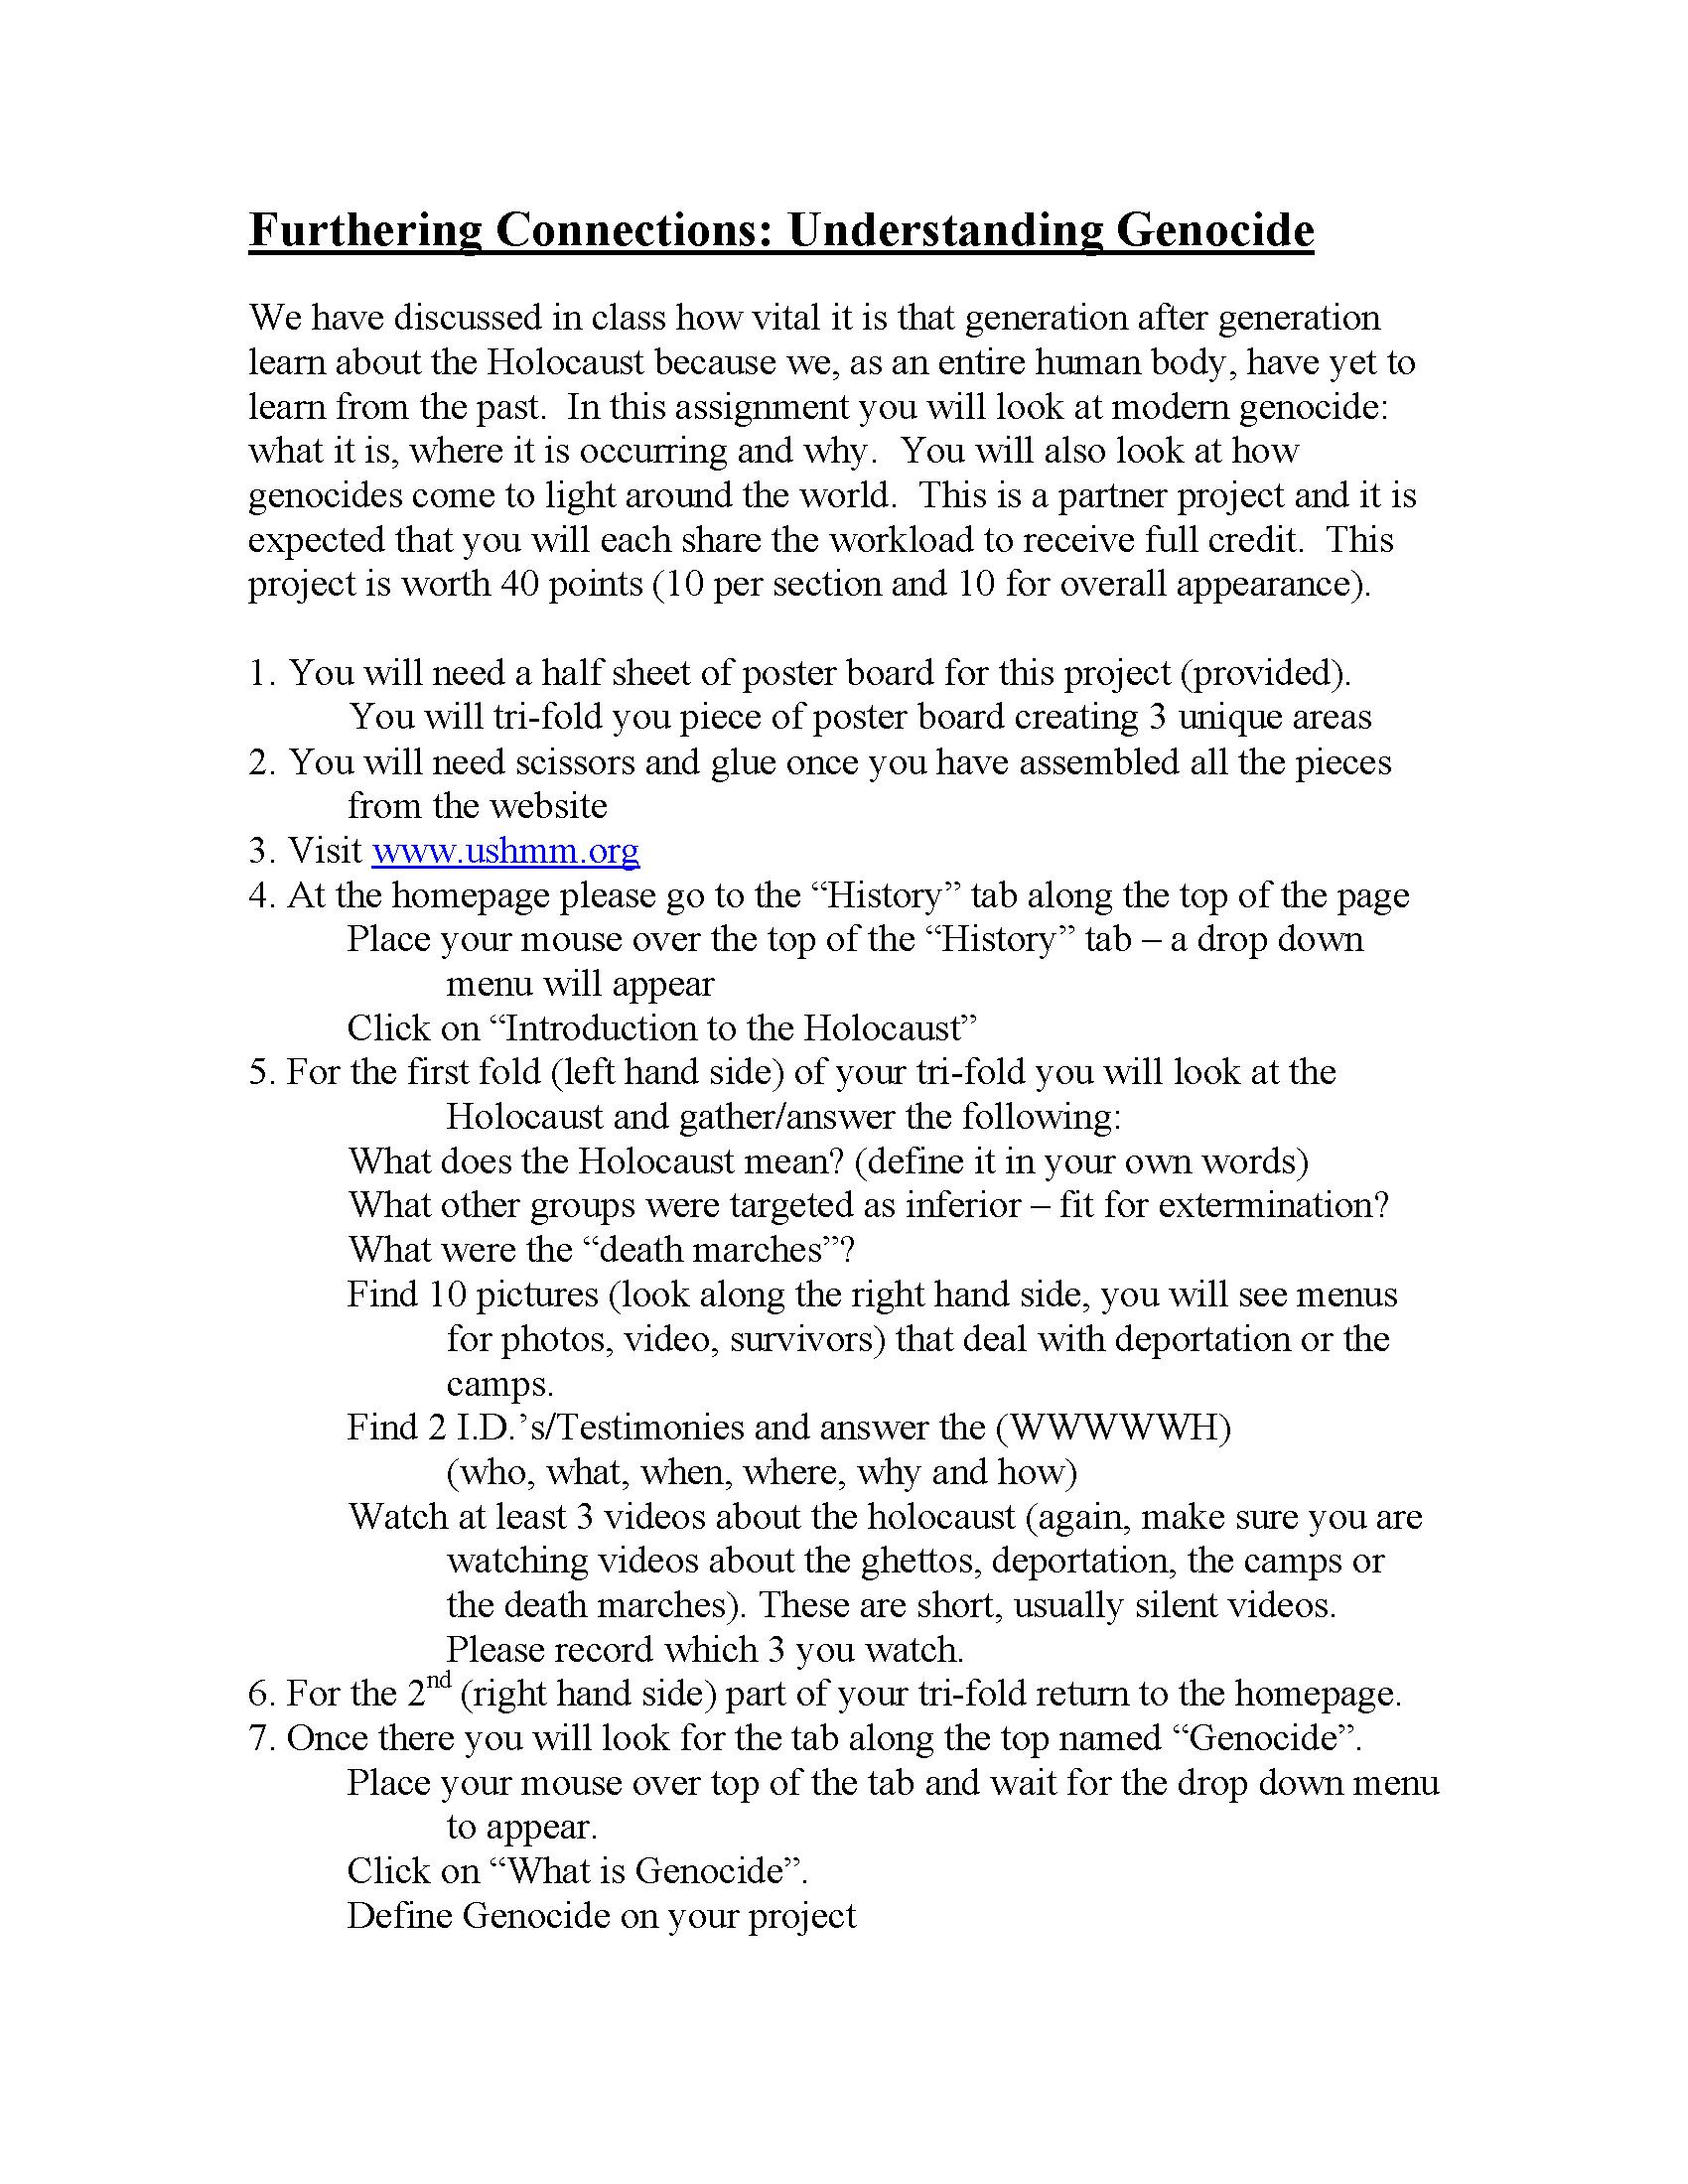 scholarship essay grading rubric